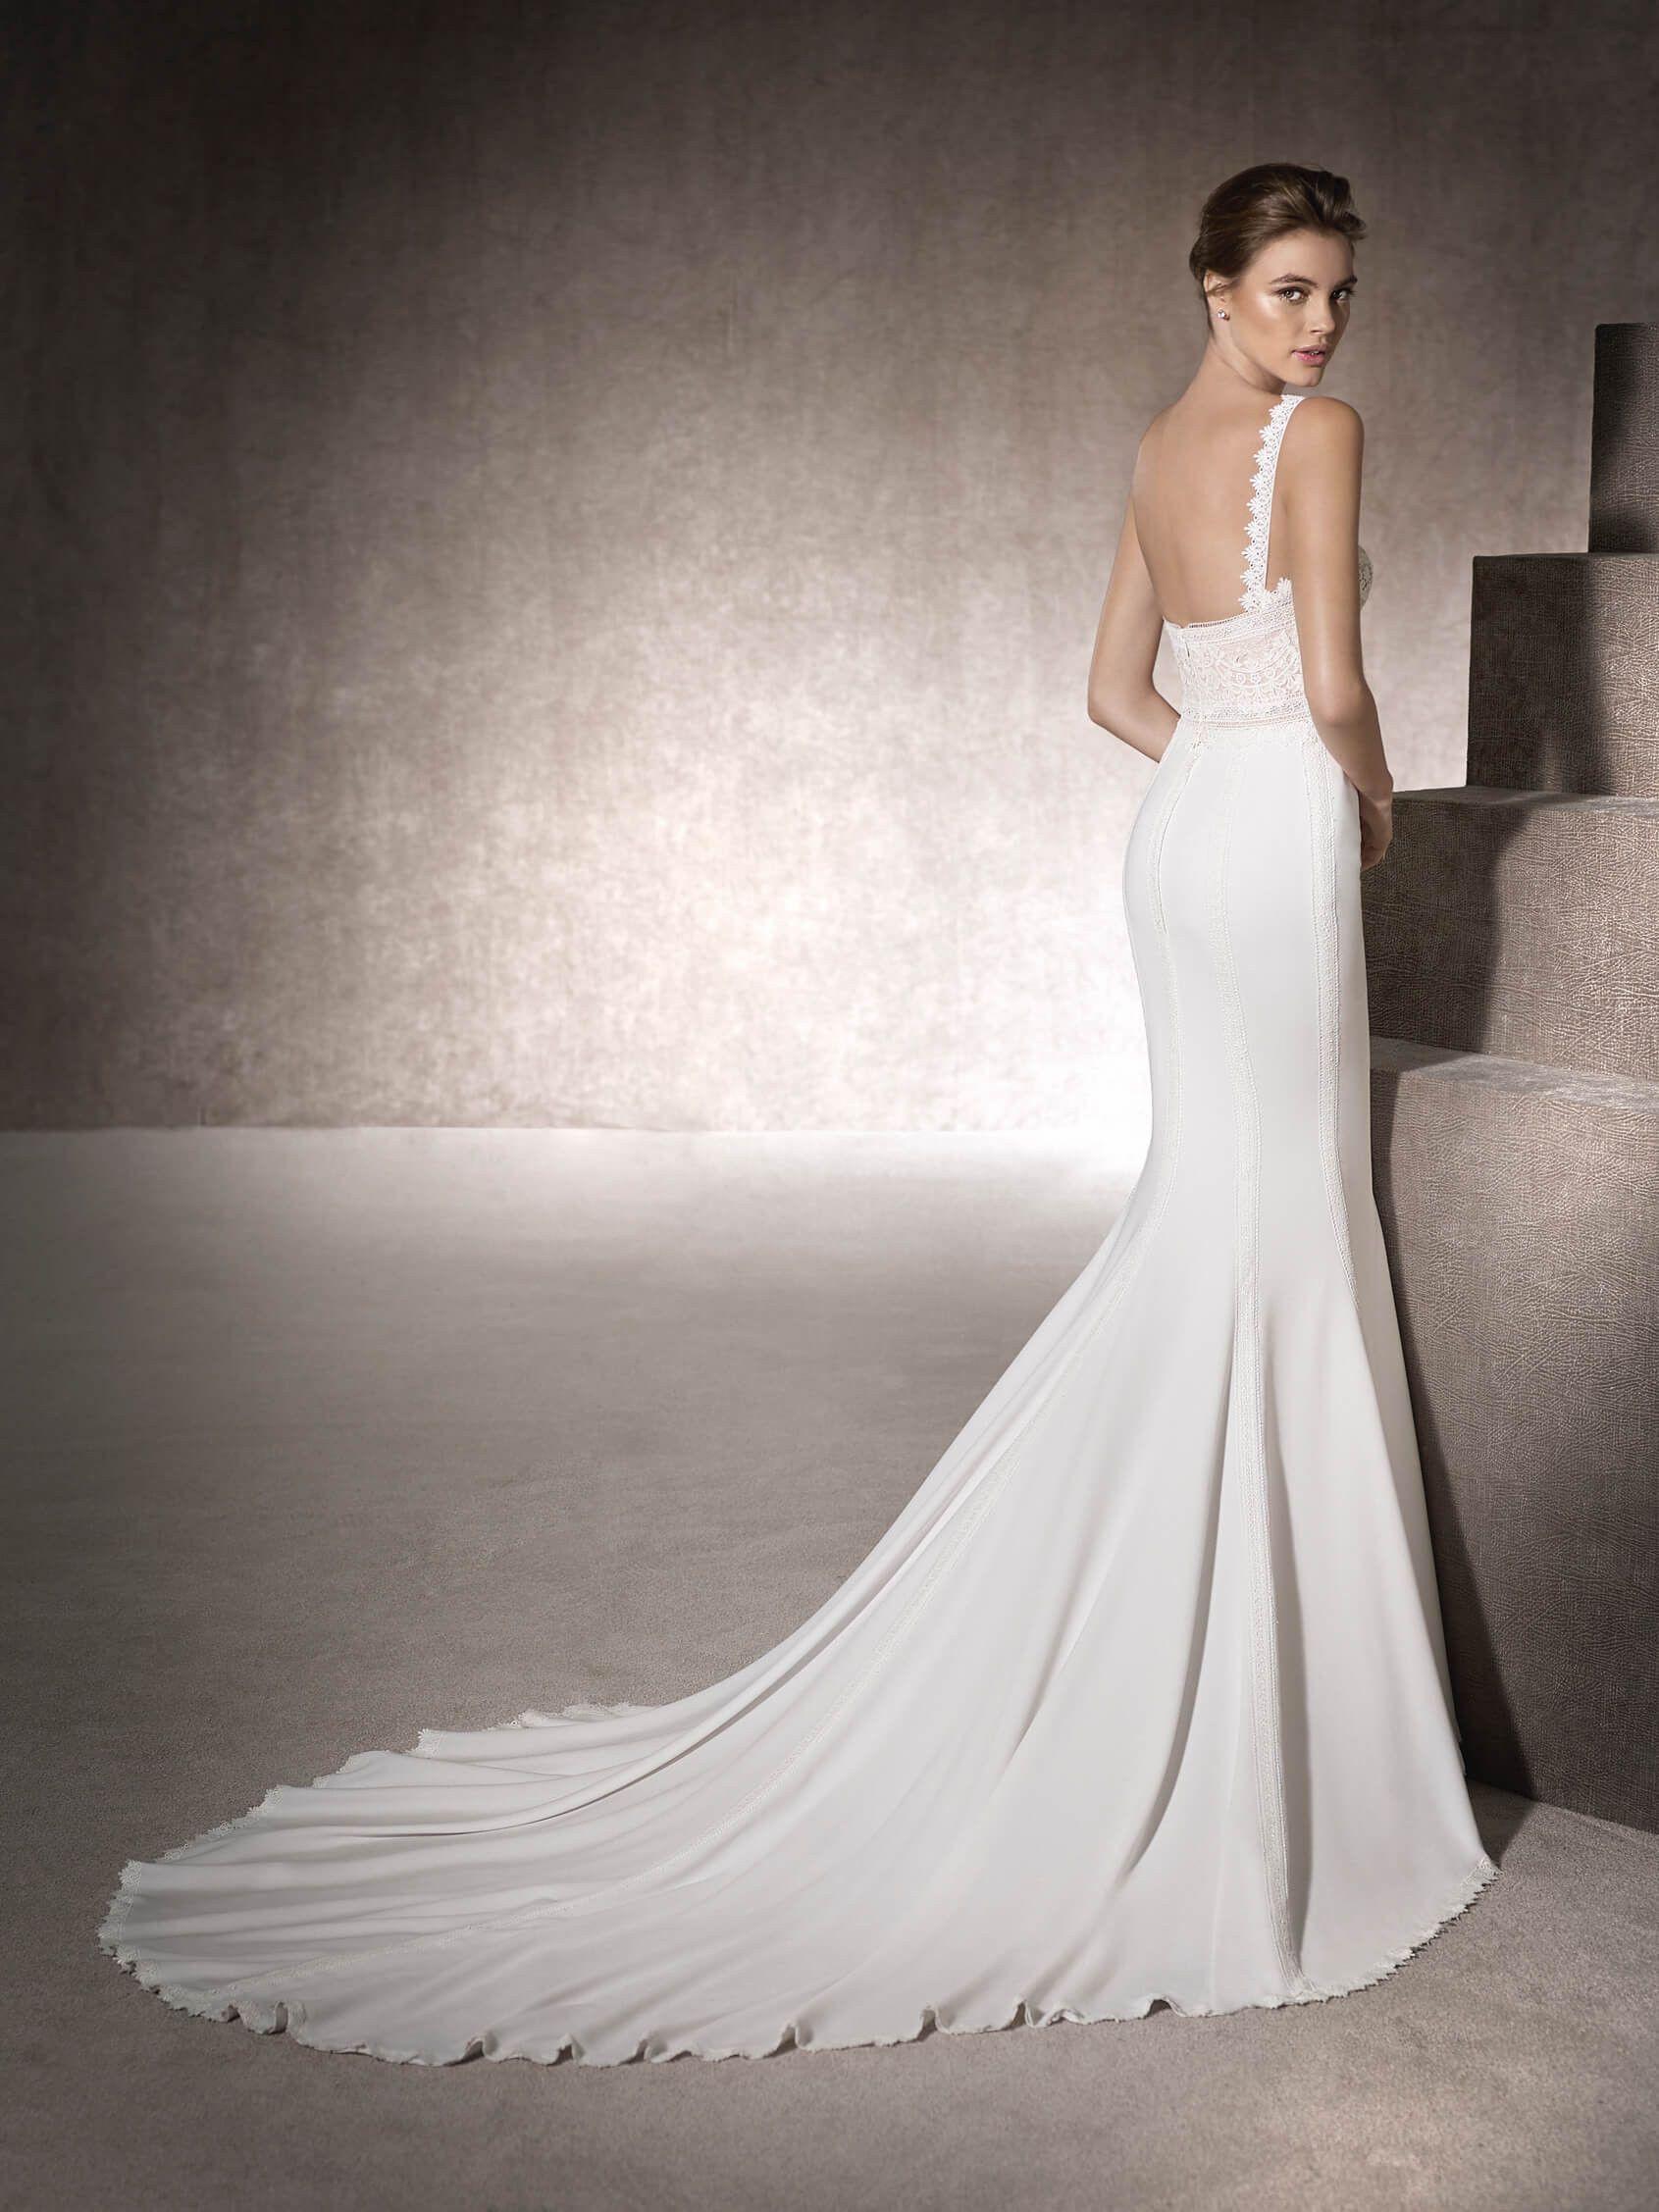 Beste Gebrauchte Brautkleider Phoenix Az Fotos - Hochzeit Kleid ...